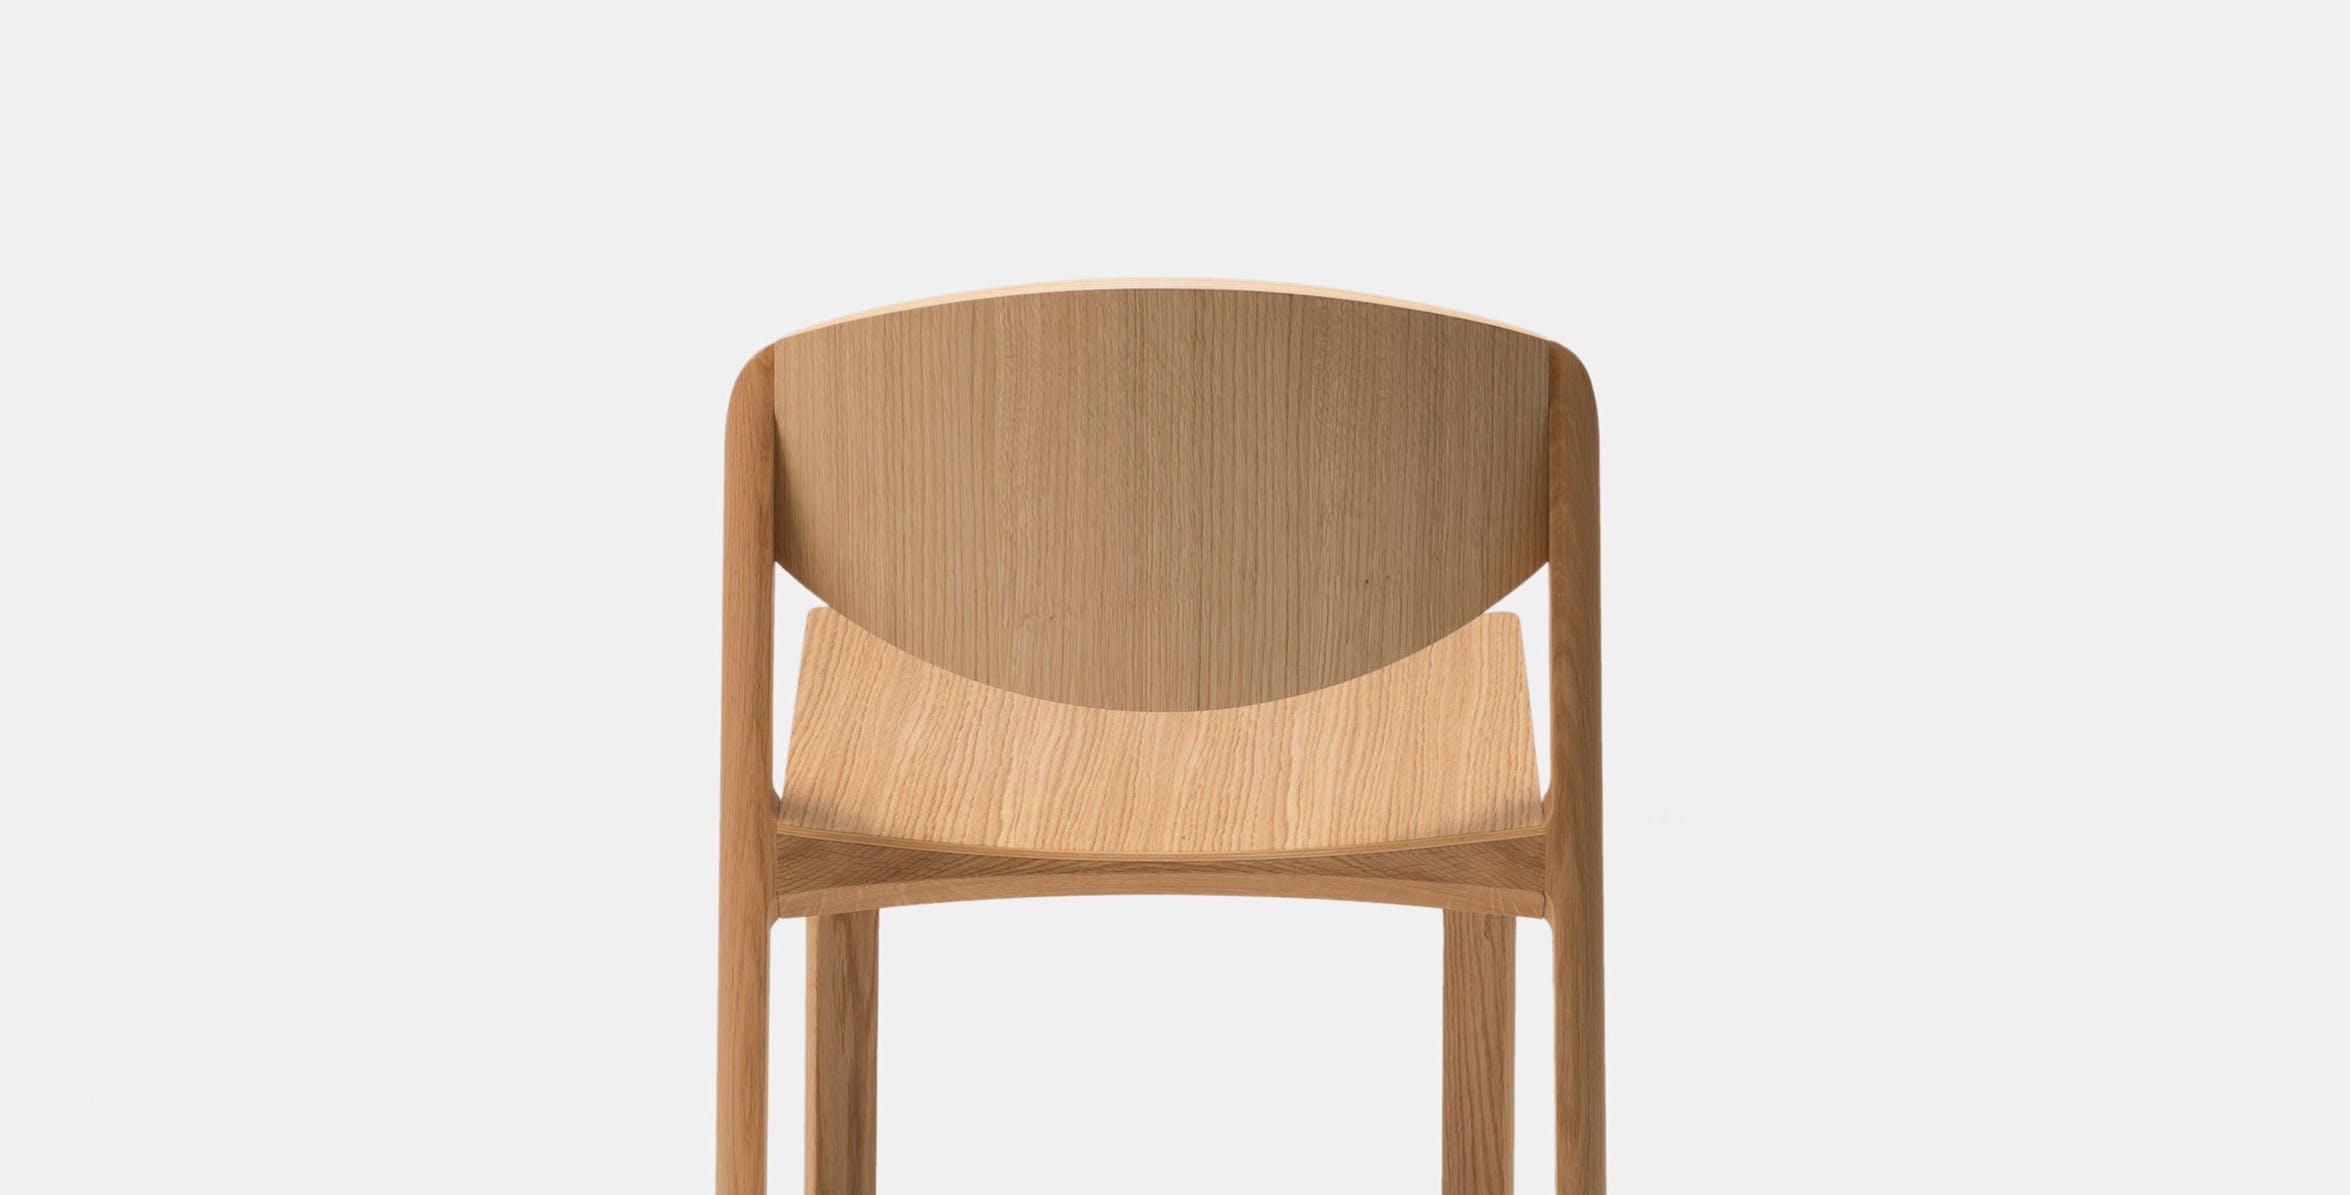 Designer Mauro Pasquinelli